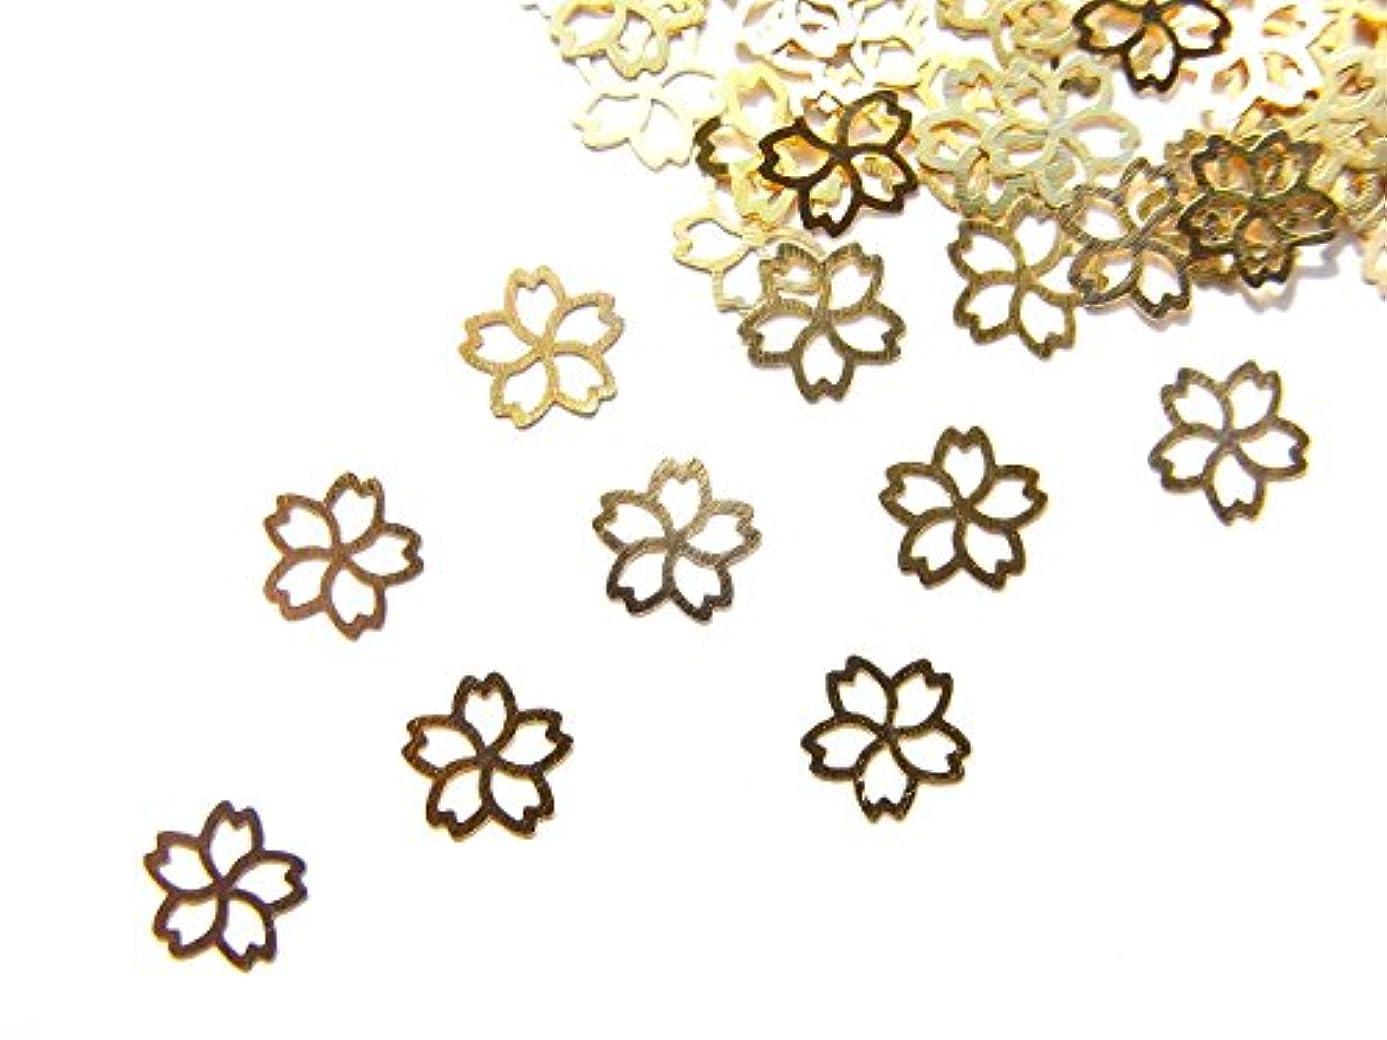 コック散歩に行くベール【jewel】ug26 春ネイル 薄型ゴールド メタルパーツ 桜 サクラ Lサイズ 10個入り ネイルアートパーツ レジンパーツ